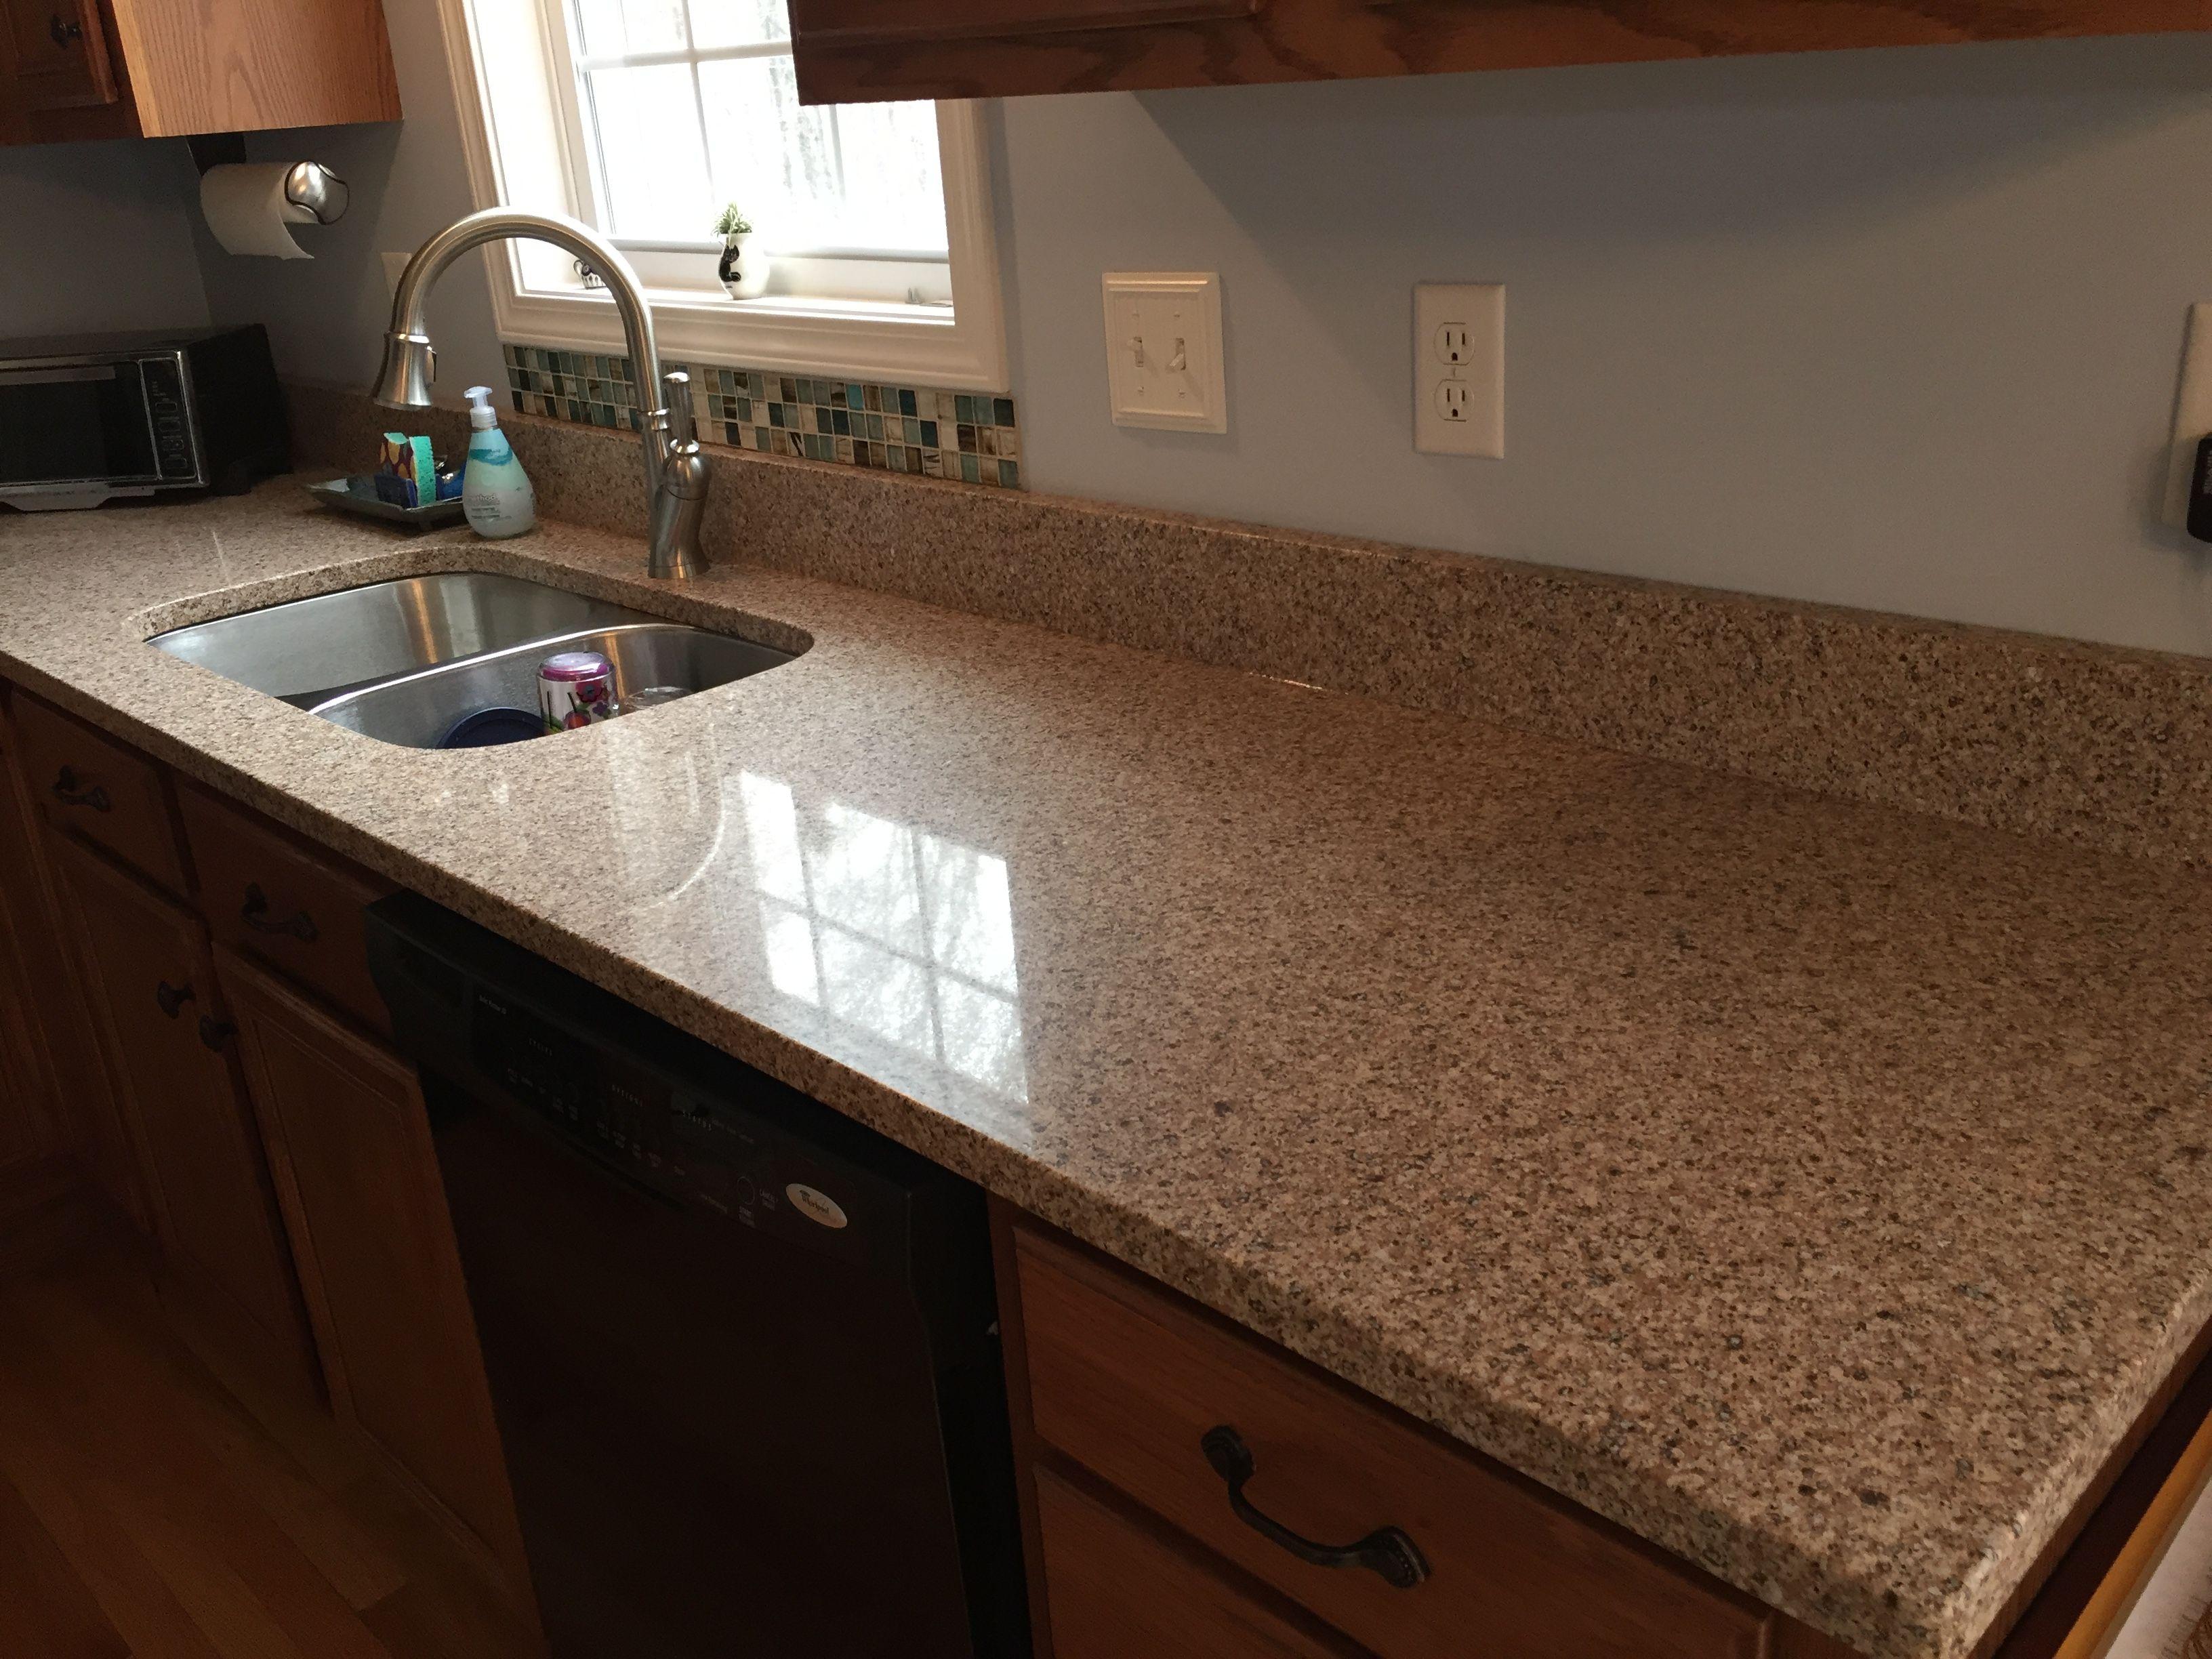 Silestone Quartz Kona Beige Quartz Countertops Kitchen Makeover Oak Cabinets